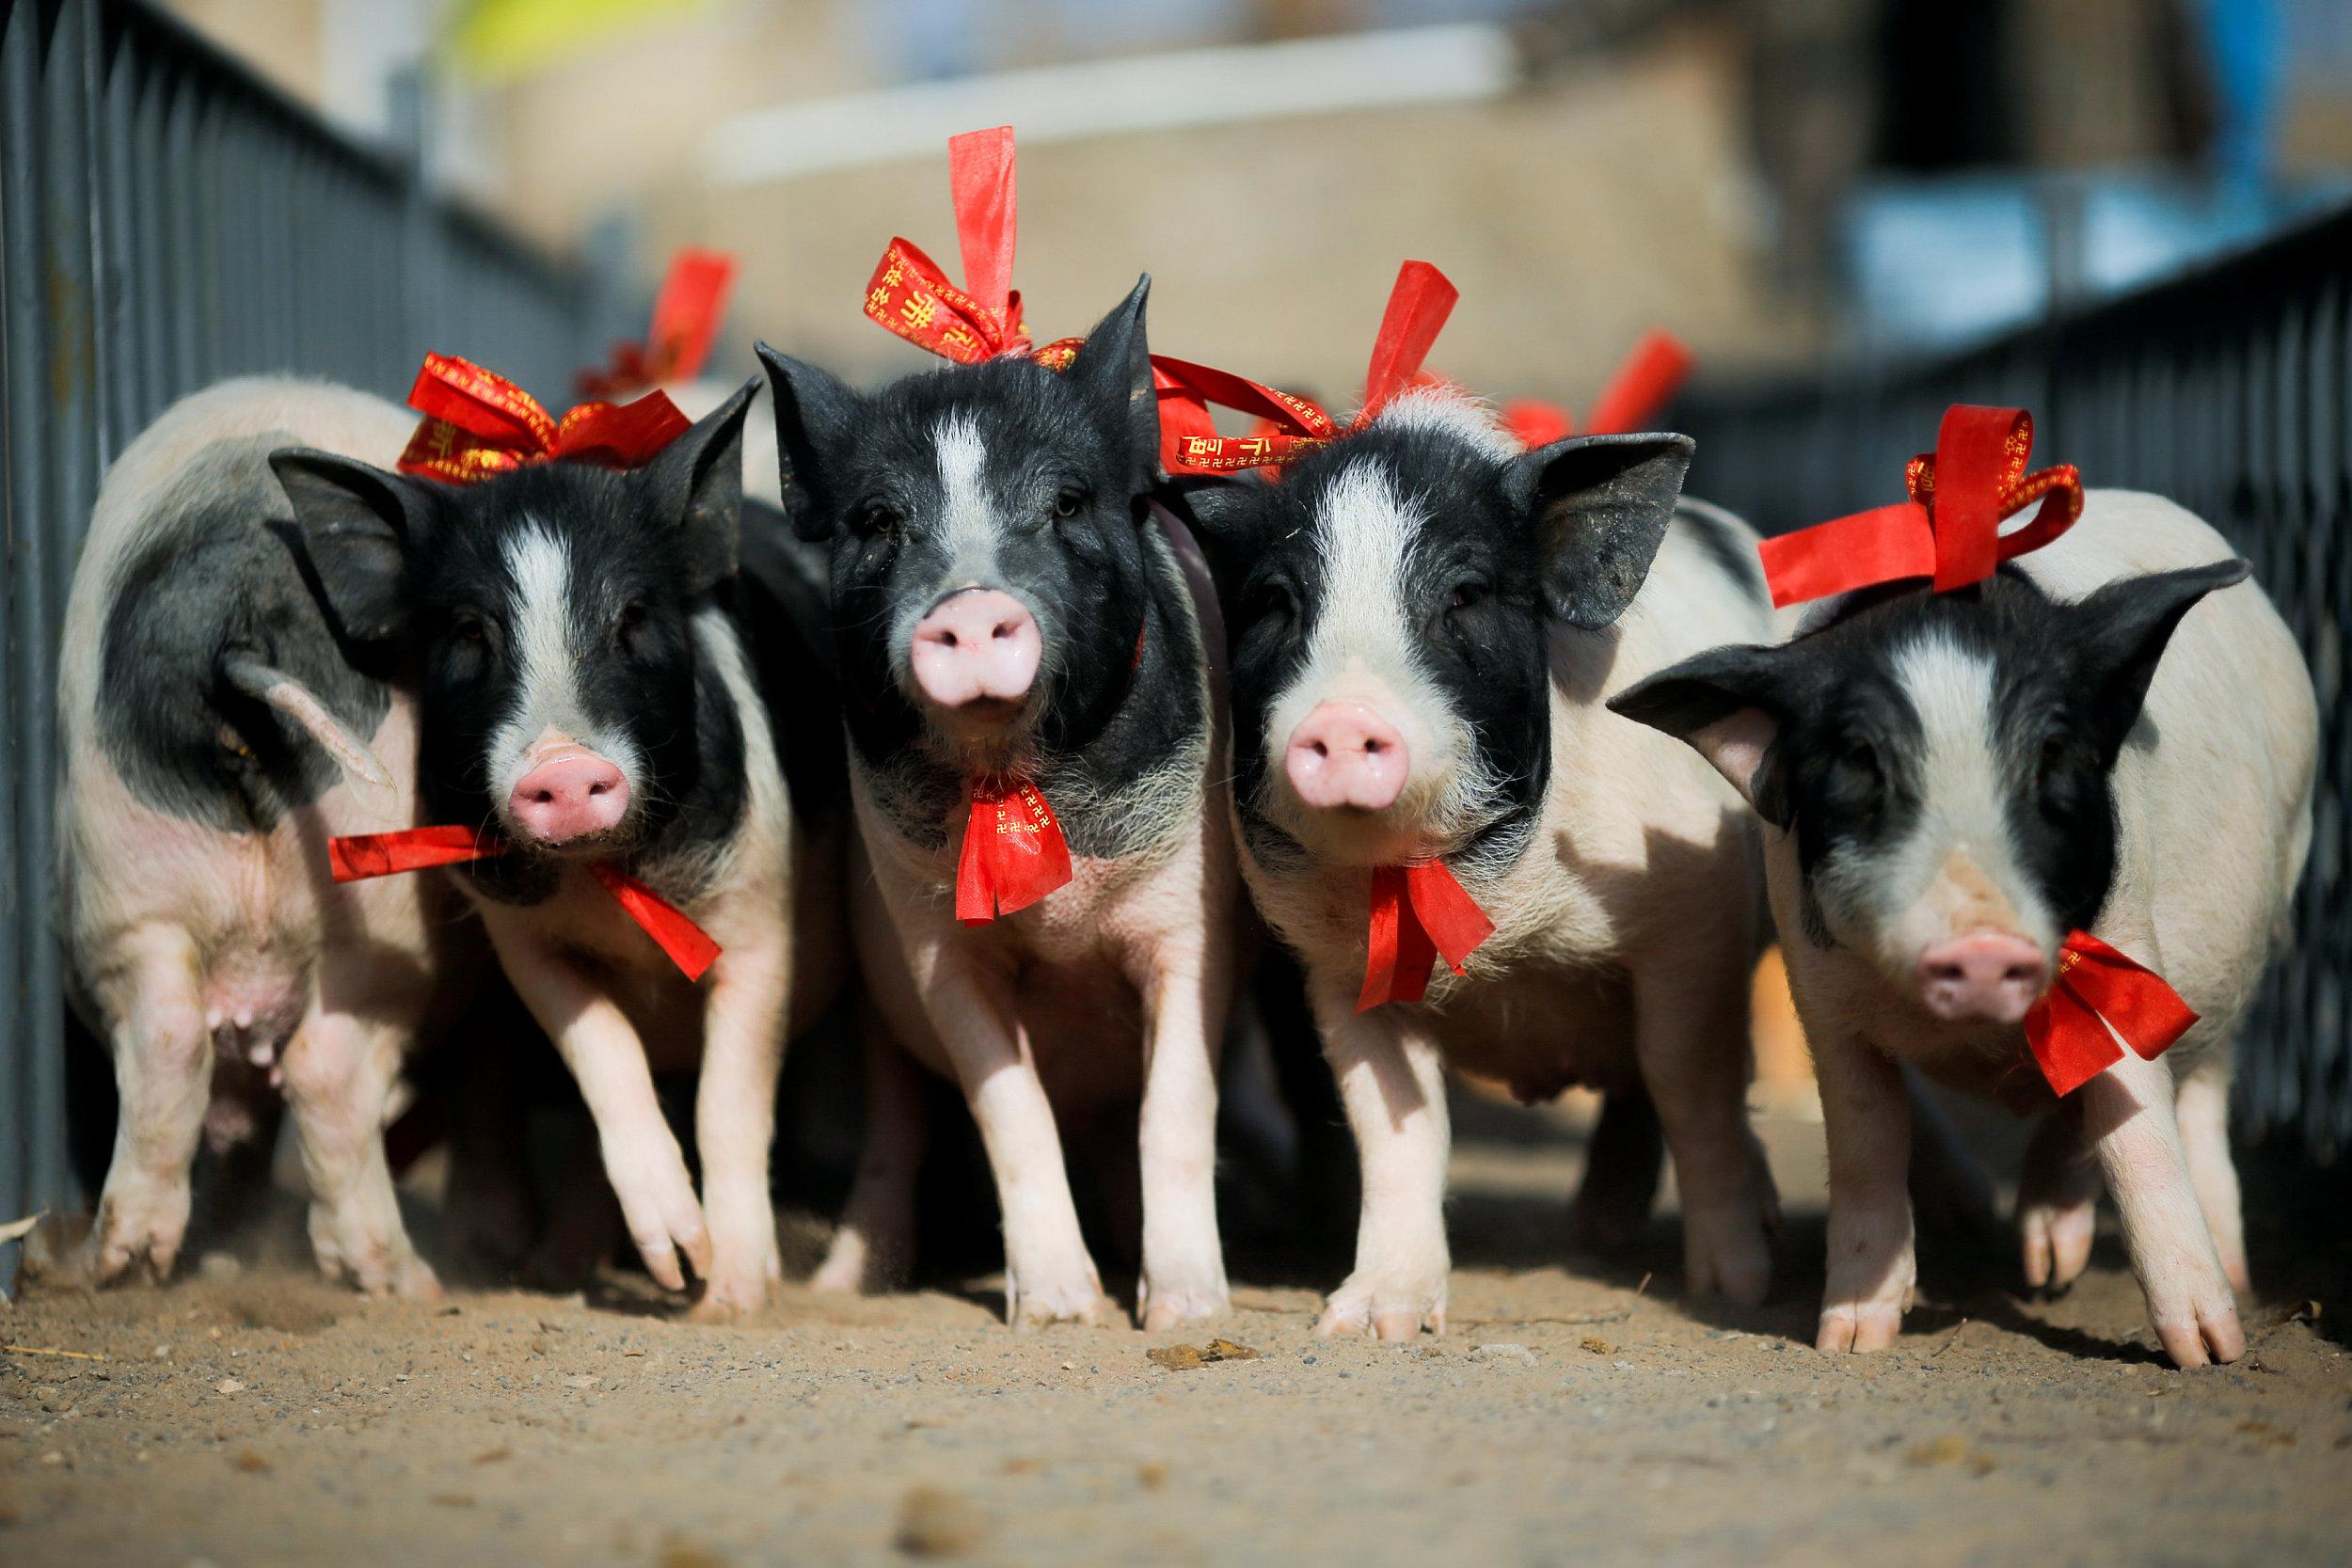 小猪快跑!张家口小猪运动会举行迎接农历新年